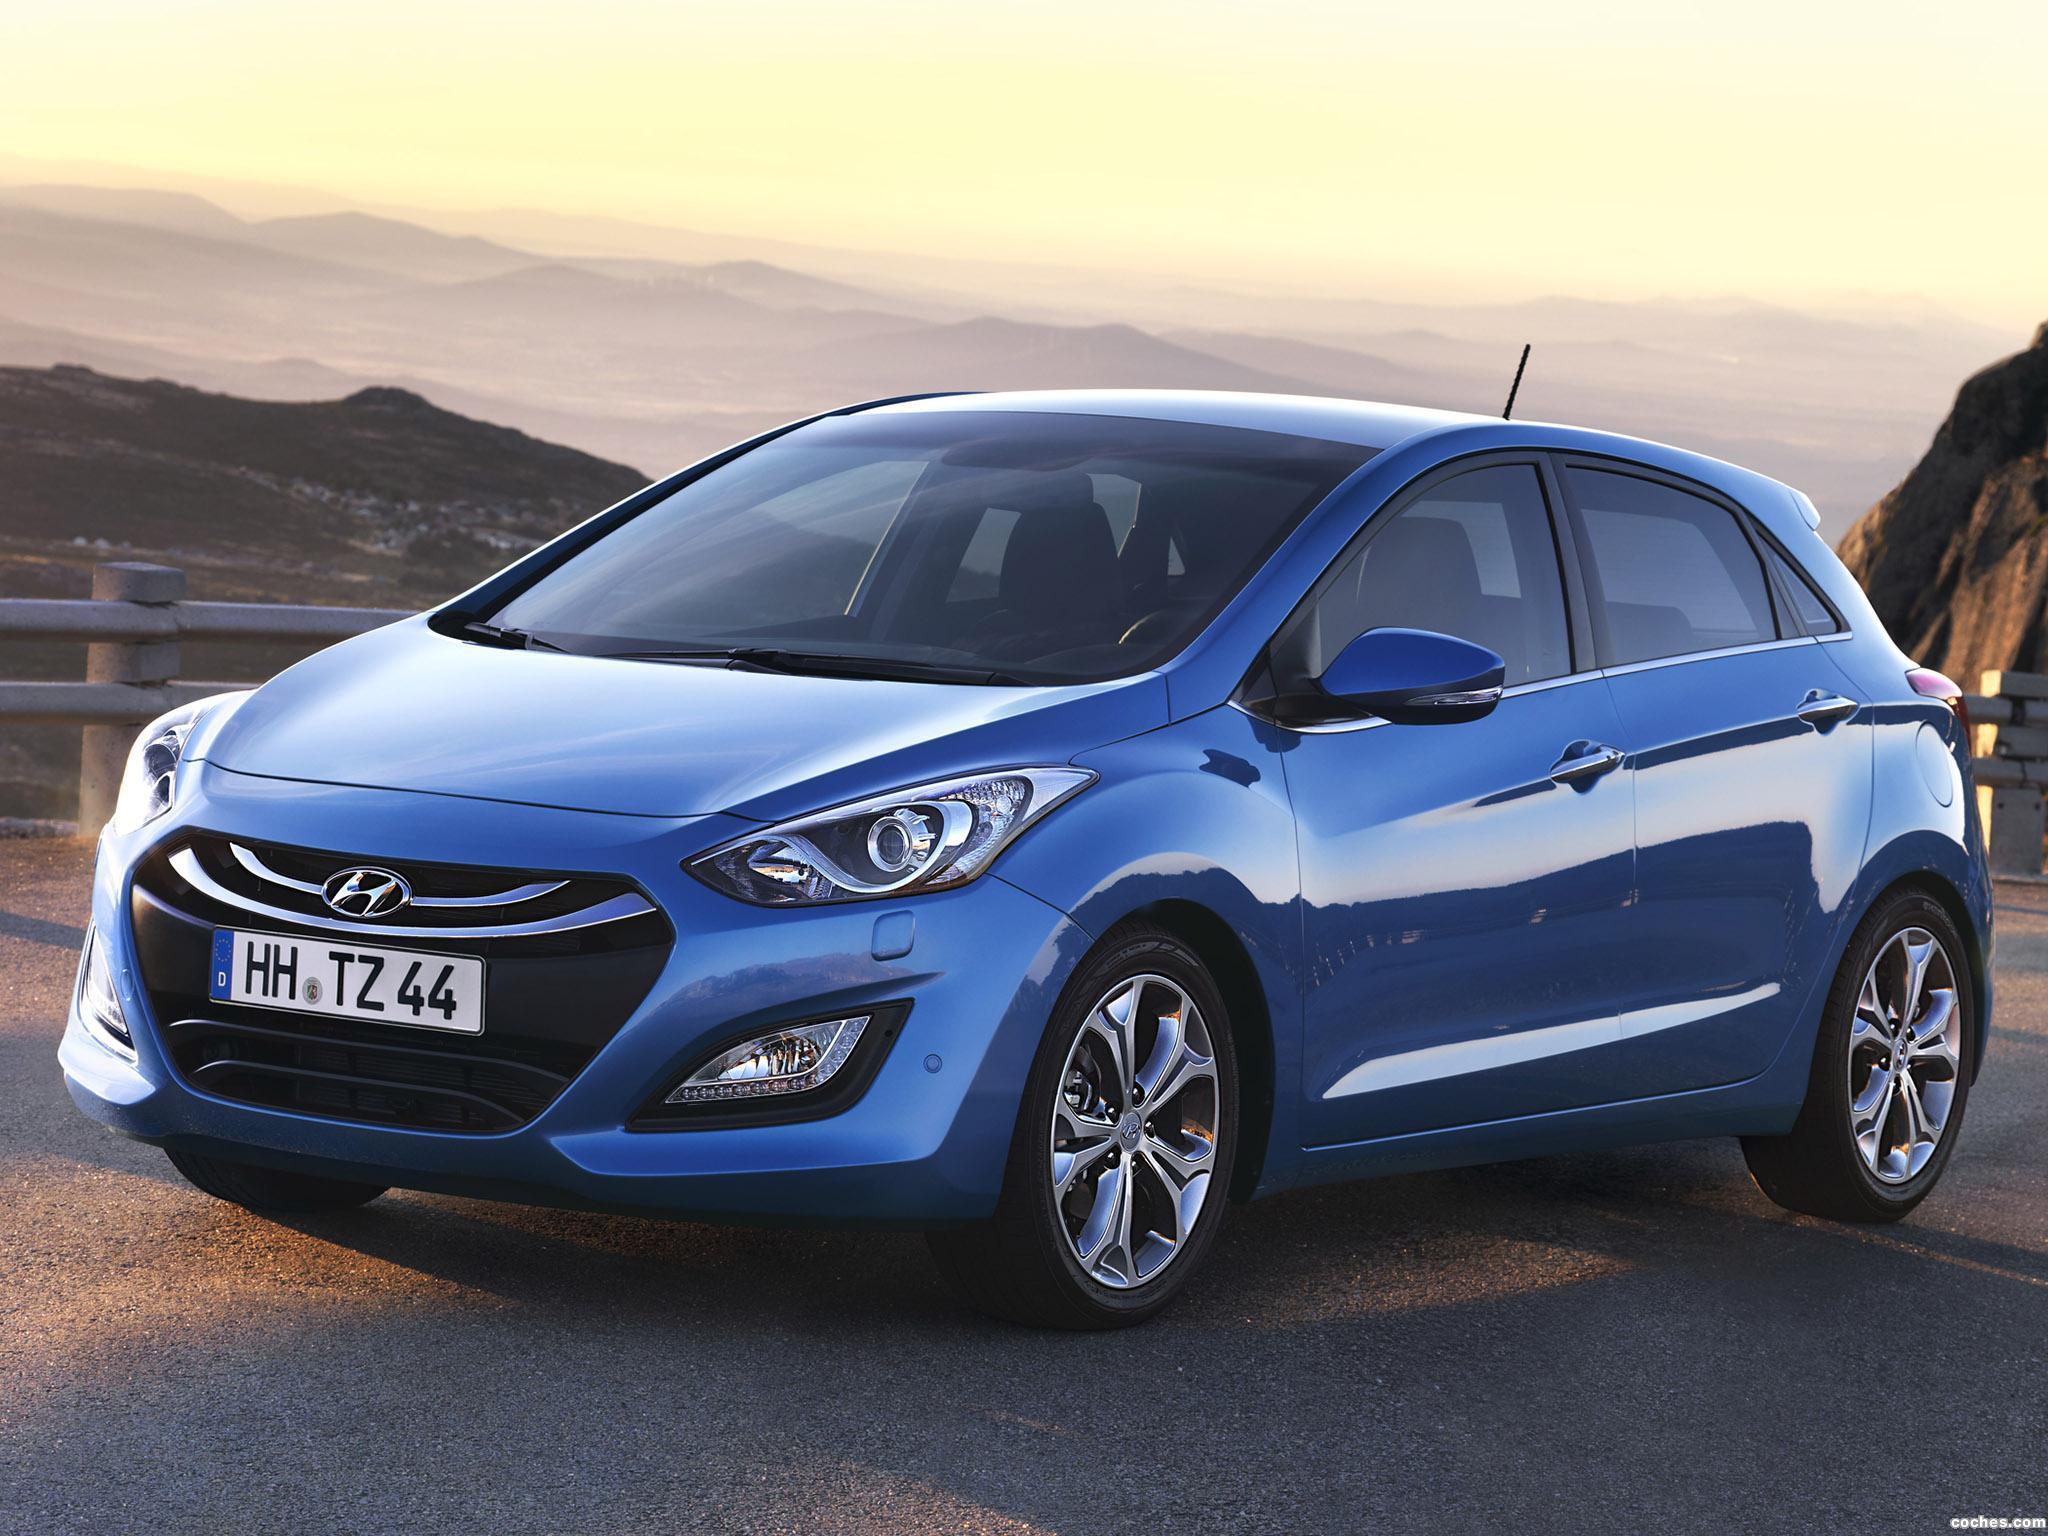 Foto 0 de Hyundai i30 2011